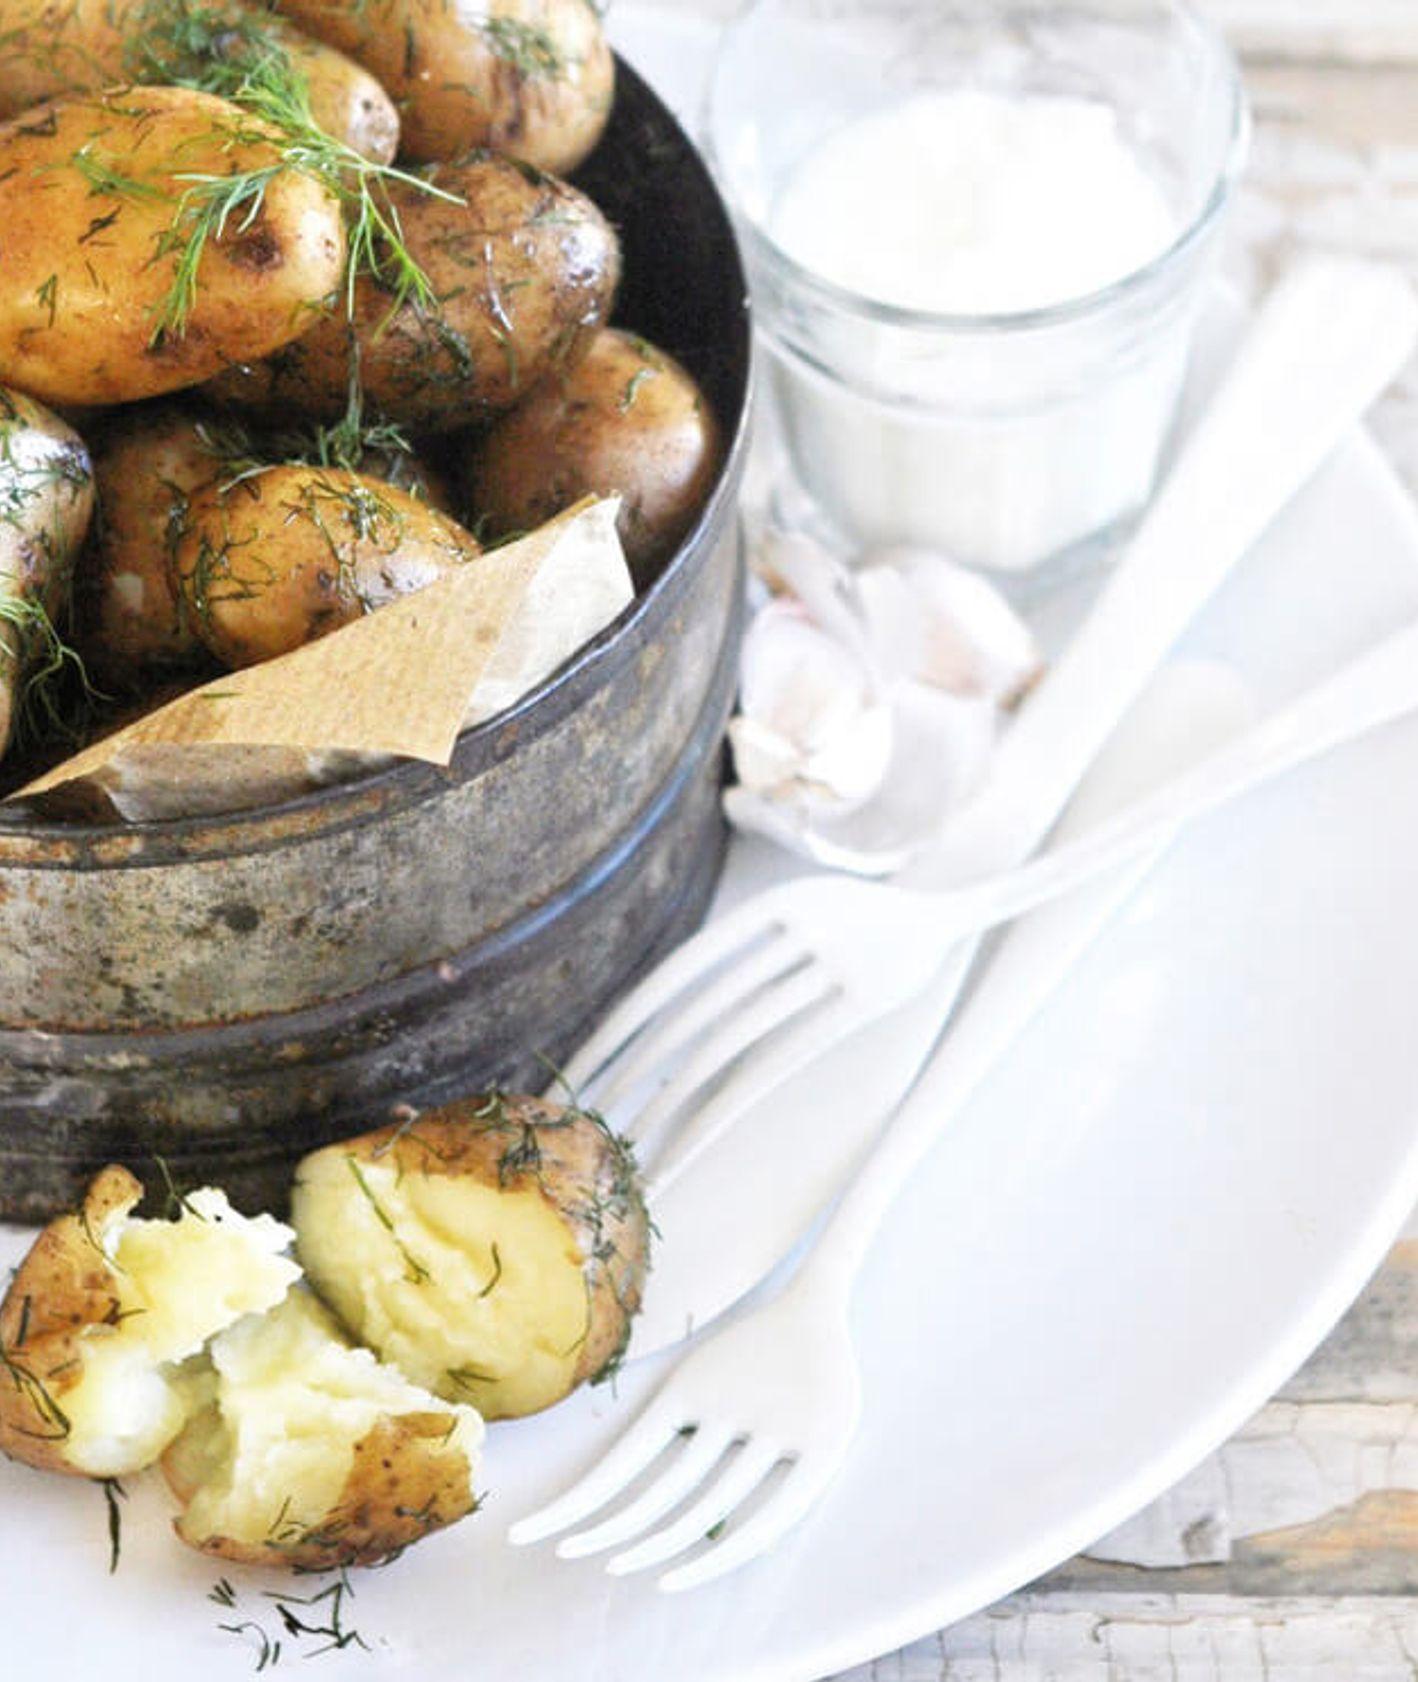 młode ziemniaki z daniu